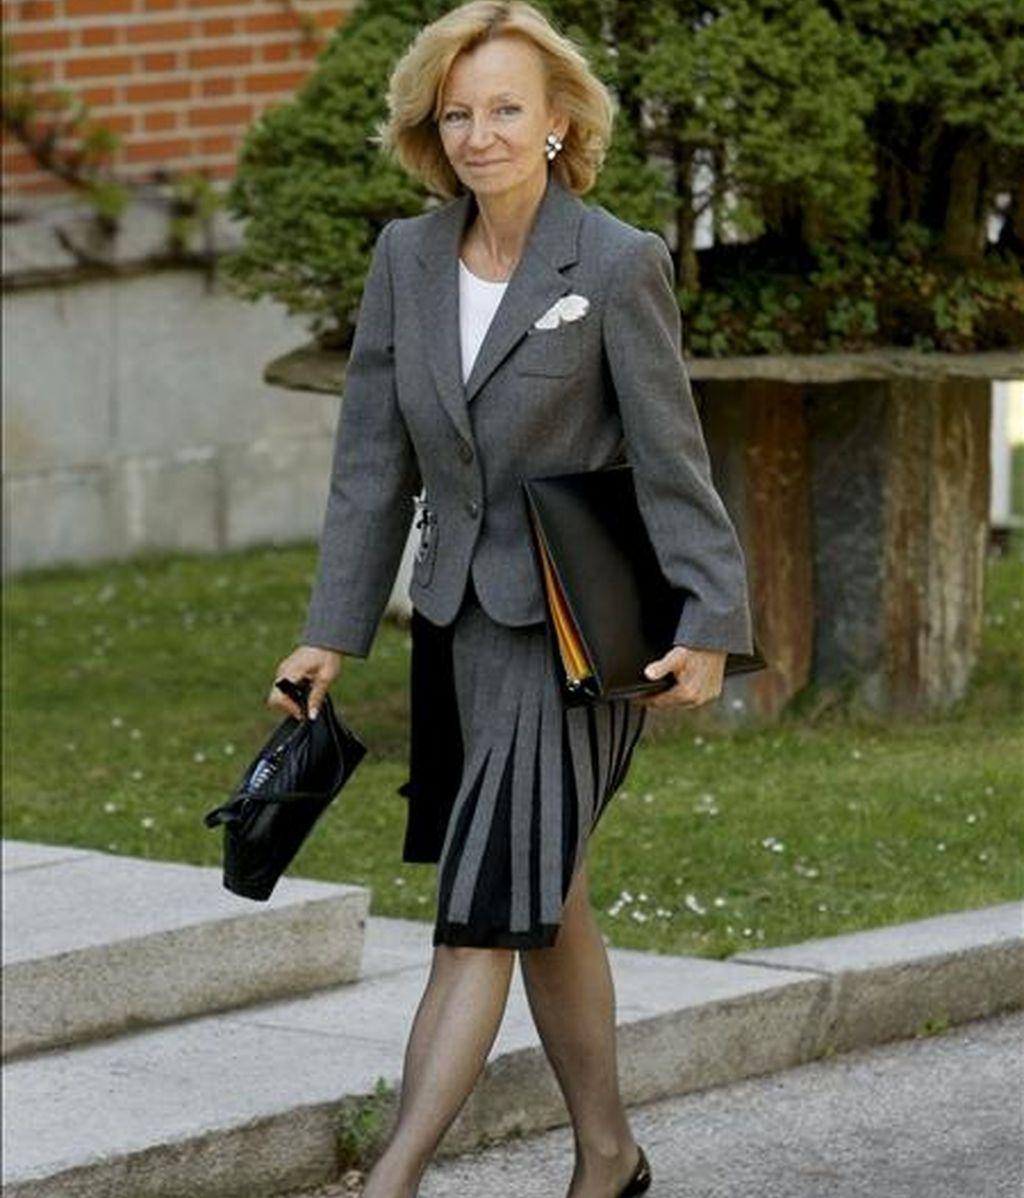 La vicepresidenta segunda del Gobierno y ministra de Economía y Hacienda, Elena Salgado. EFE/Archivo